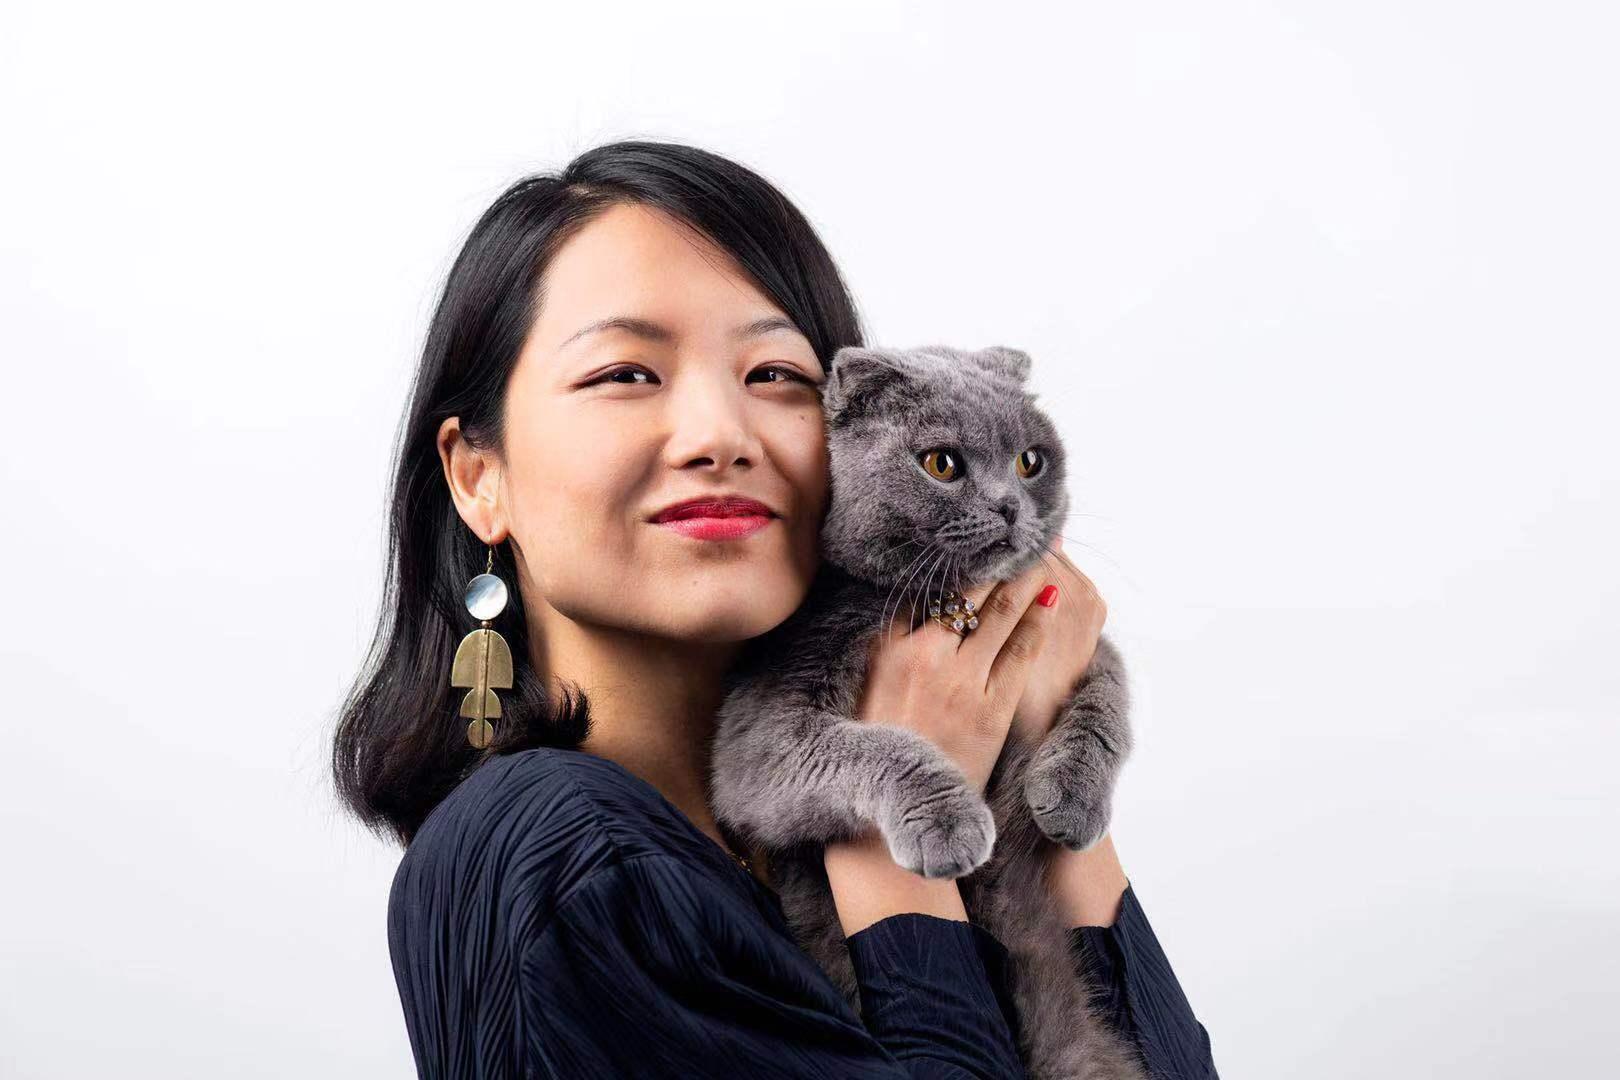 Yiyi wearing    Mantra Earring